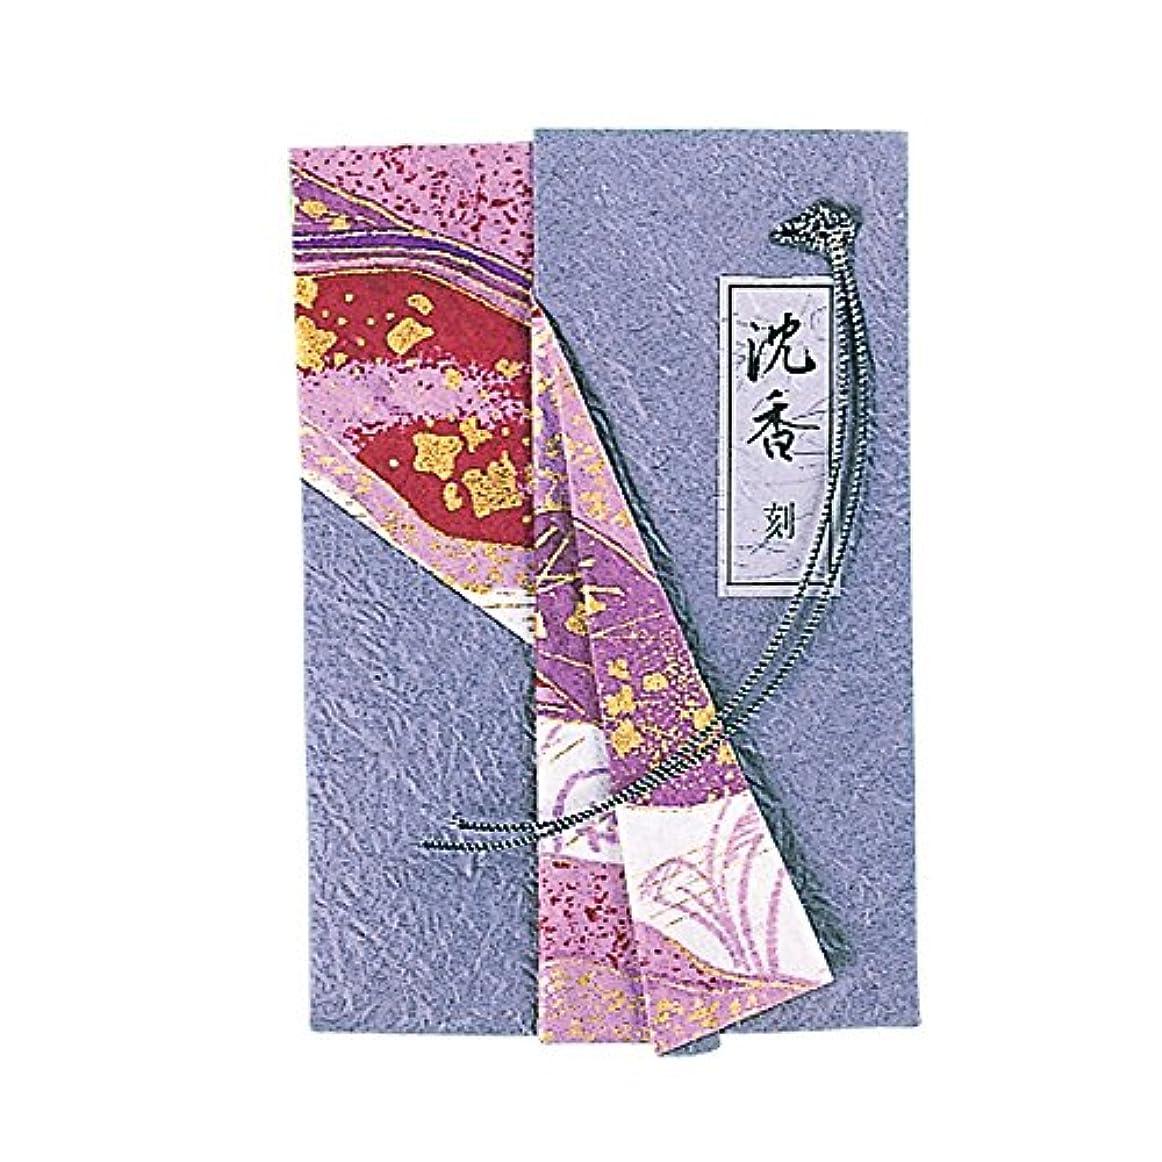 持続的ピンク仮説沈香 刻 (香木 10g)